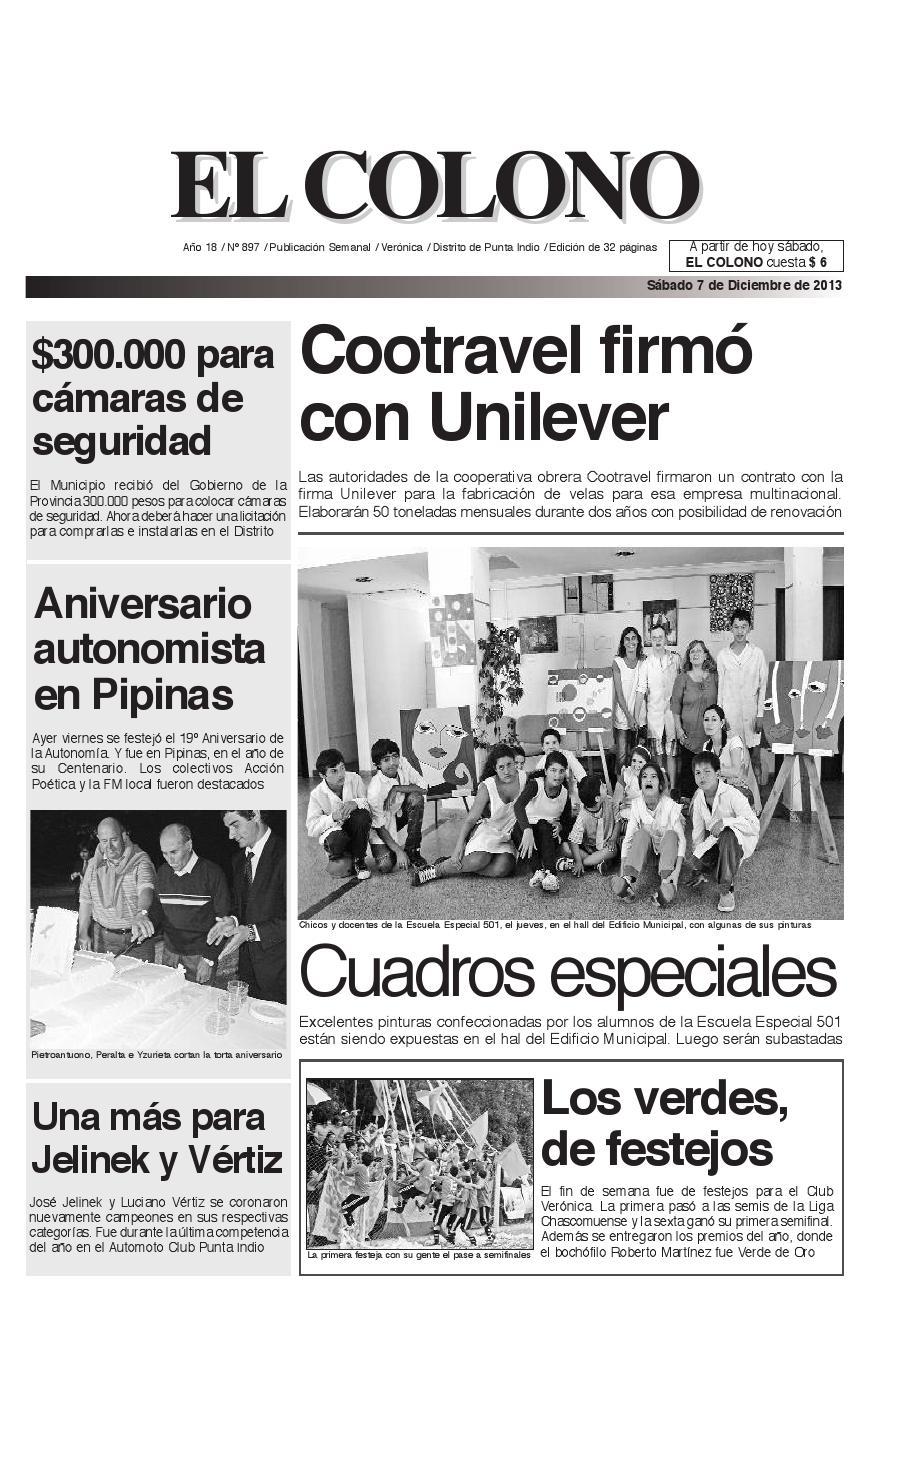 el_colono_7-12-13 by El Colono de Punta Indio - issuu